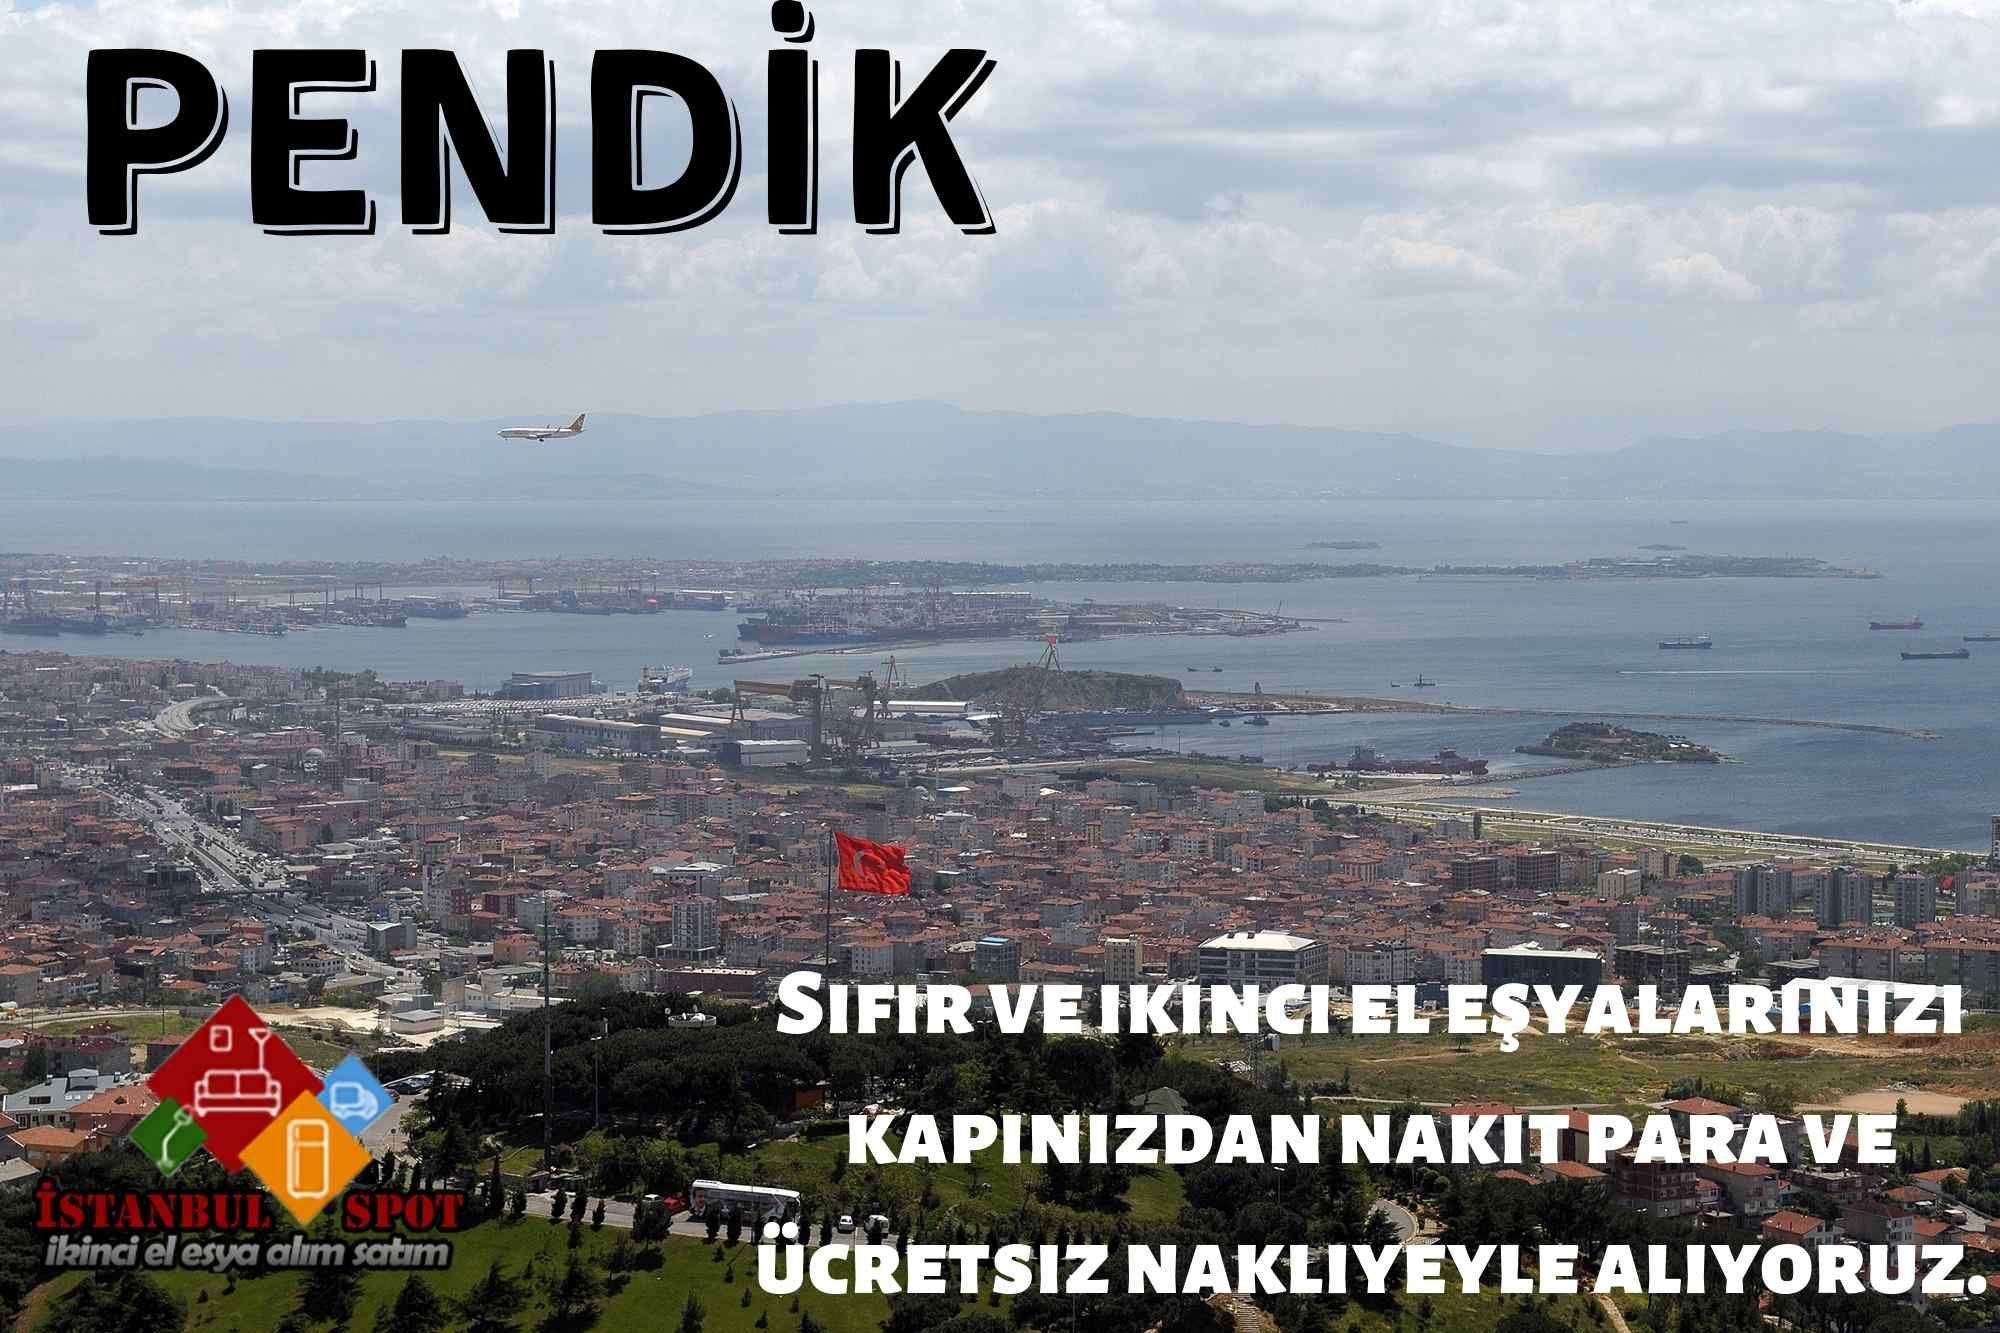 Pendik Te Veya Istanbul Da Ikinci El Sifir Esya Alim Satimi Yapan Yer Mi Ariyorsunuz O Halde Hizlica Web Sitemizden Ister Mobilya Ister Be Ikinci El Pelerin